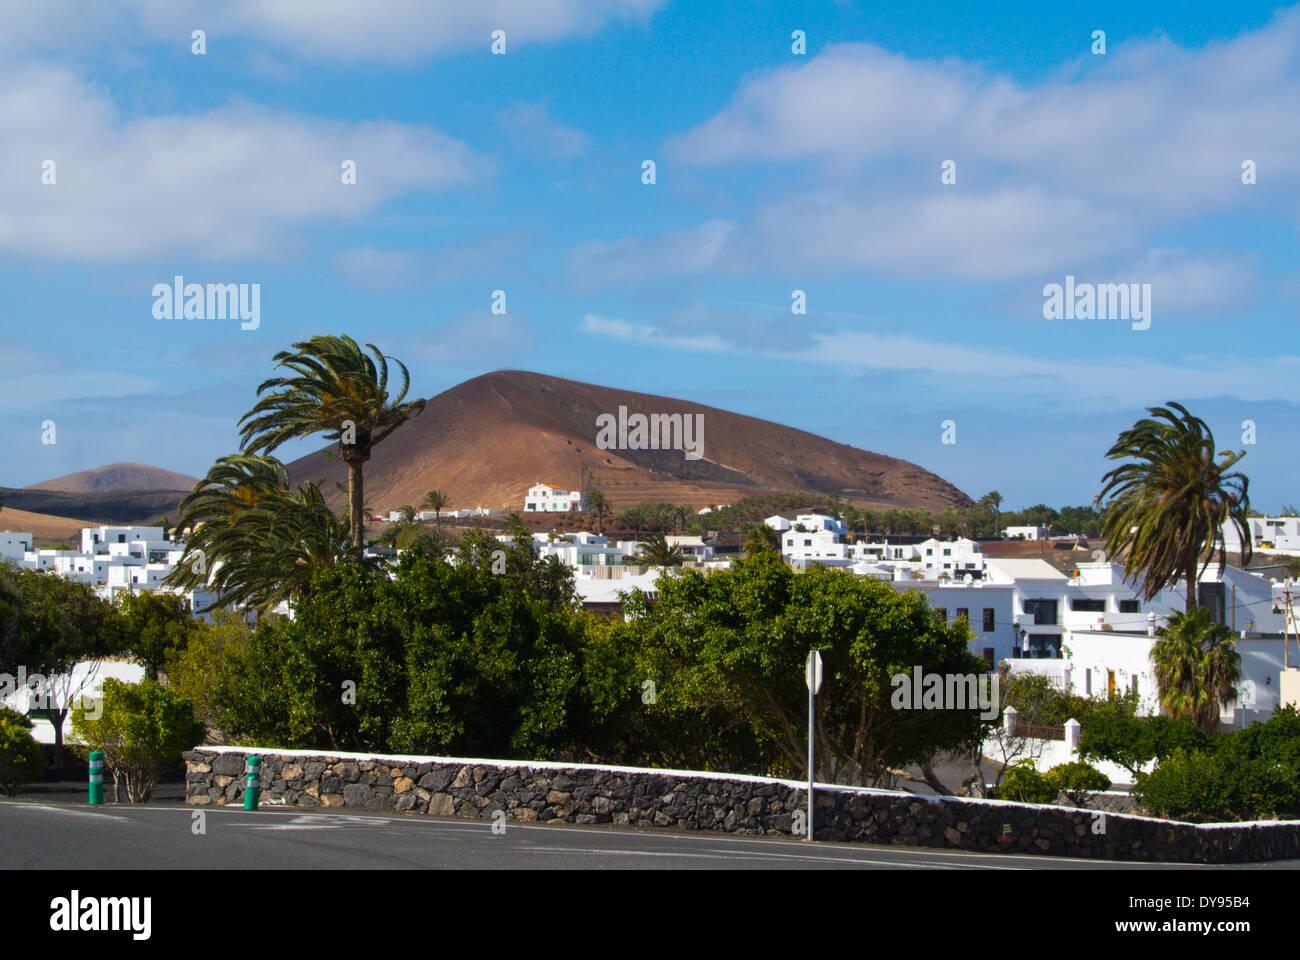 Uga, Gemeinde Yaiza, Lanzarote, Kanarische Inseln, Spanien, Europa Stockbild